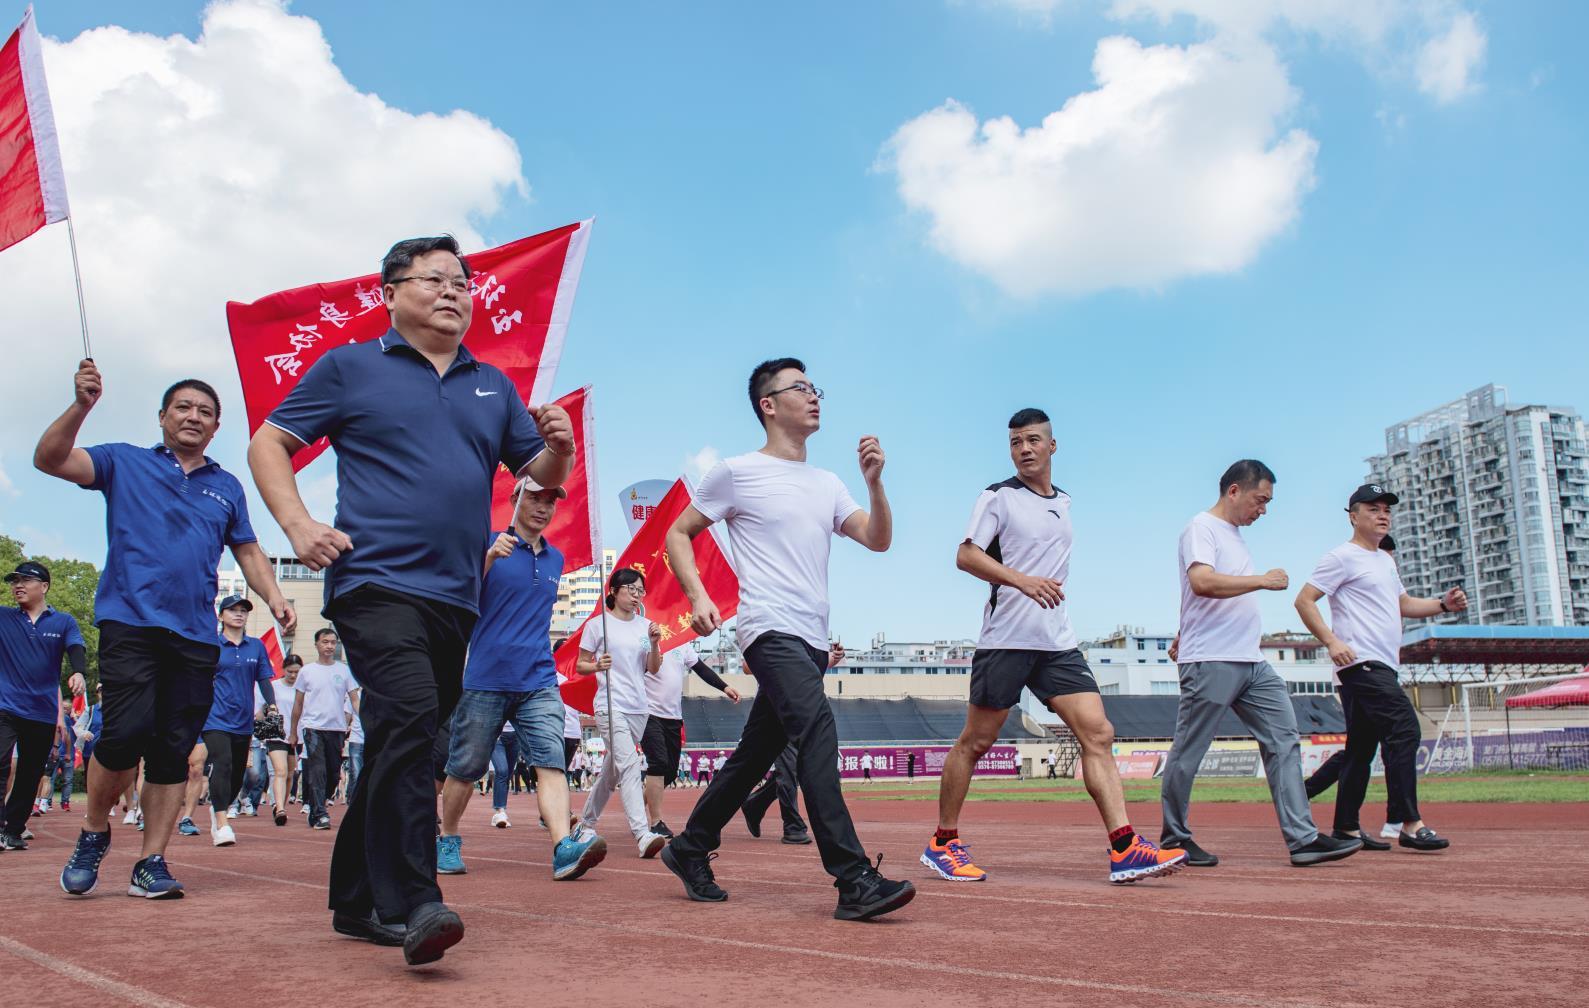 奥运十年玉环举行全民健身活动 陈盆滨惊喜现身